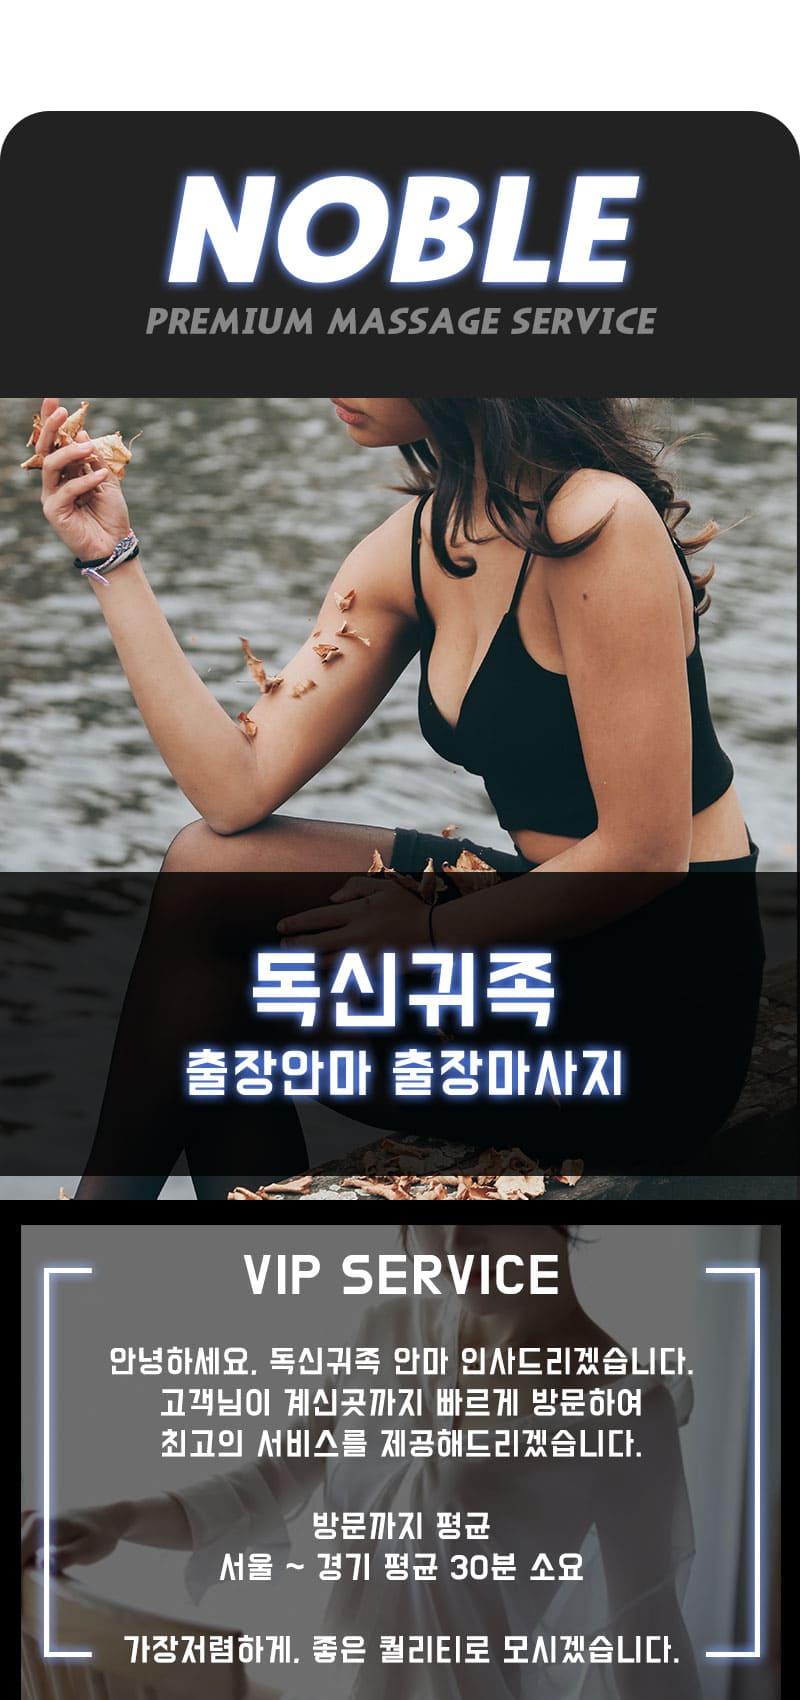 태릉출장안마 소개